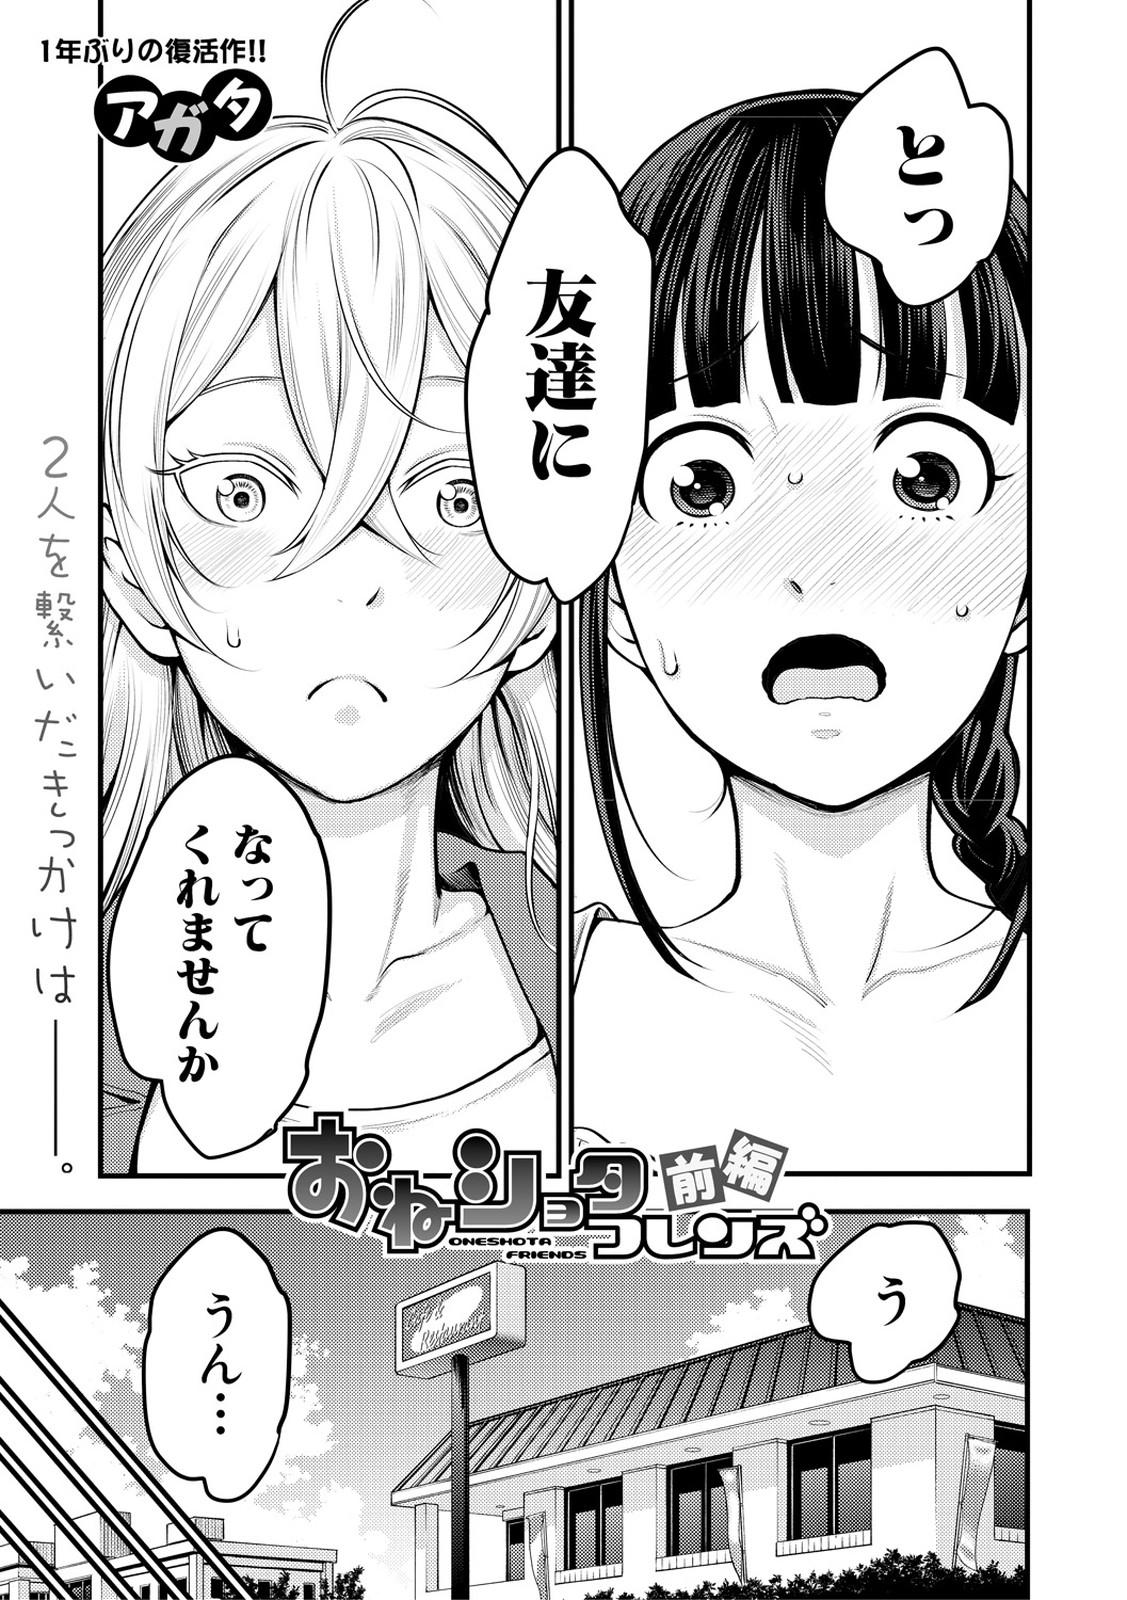 【エロ漫画】ショタコン趣味のギャルと地味子のJK二人が友達になりリアルでおねしょたを実行しようと少年達を狩りまくる!